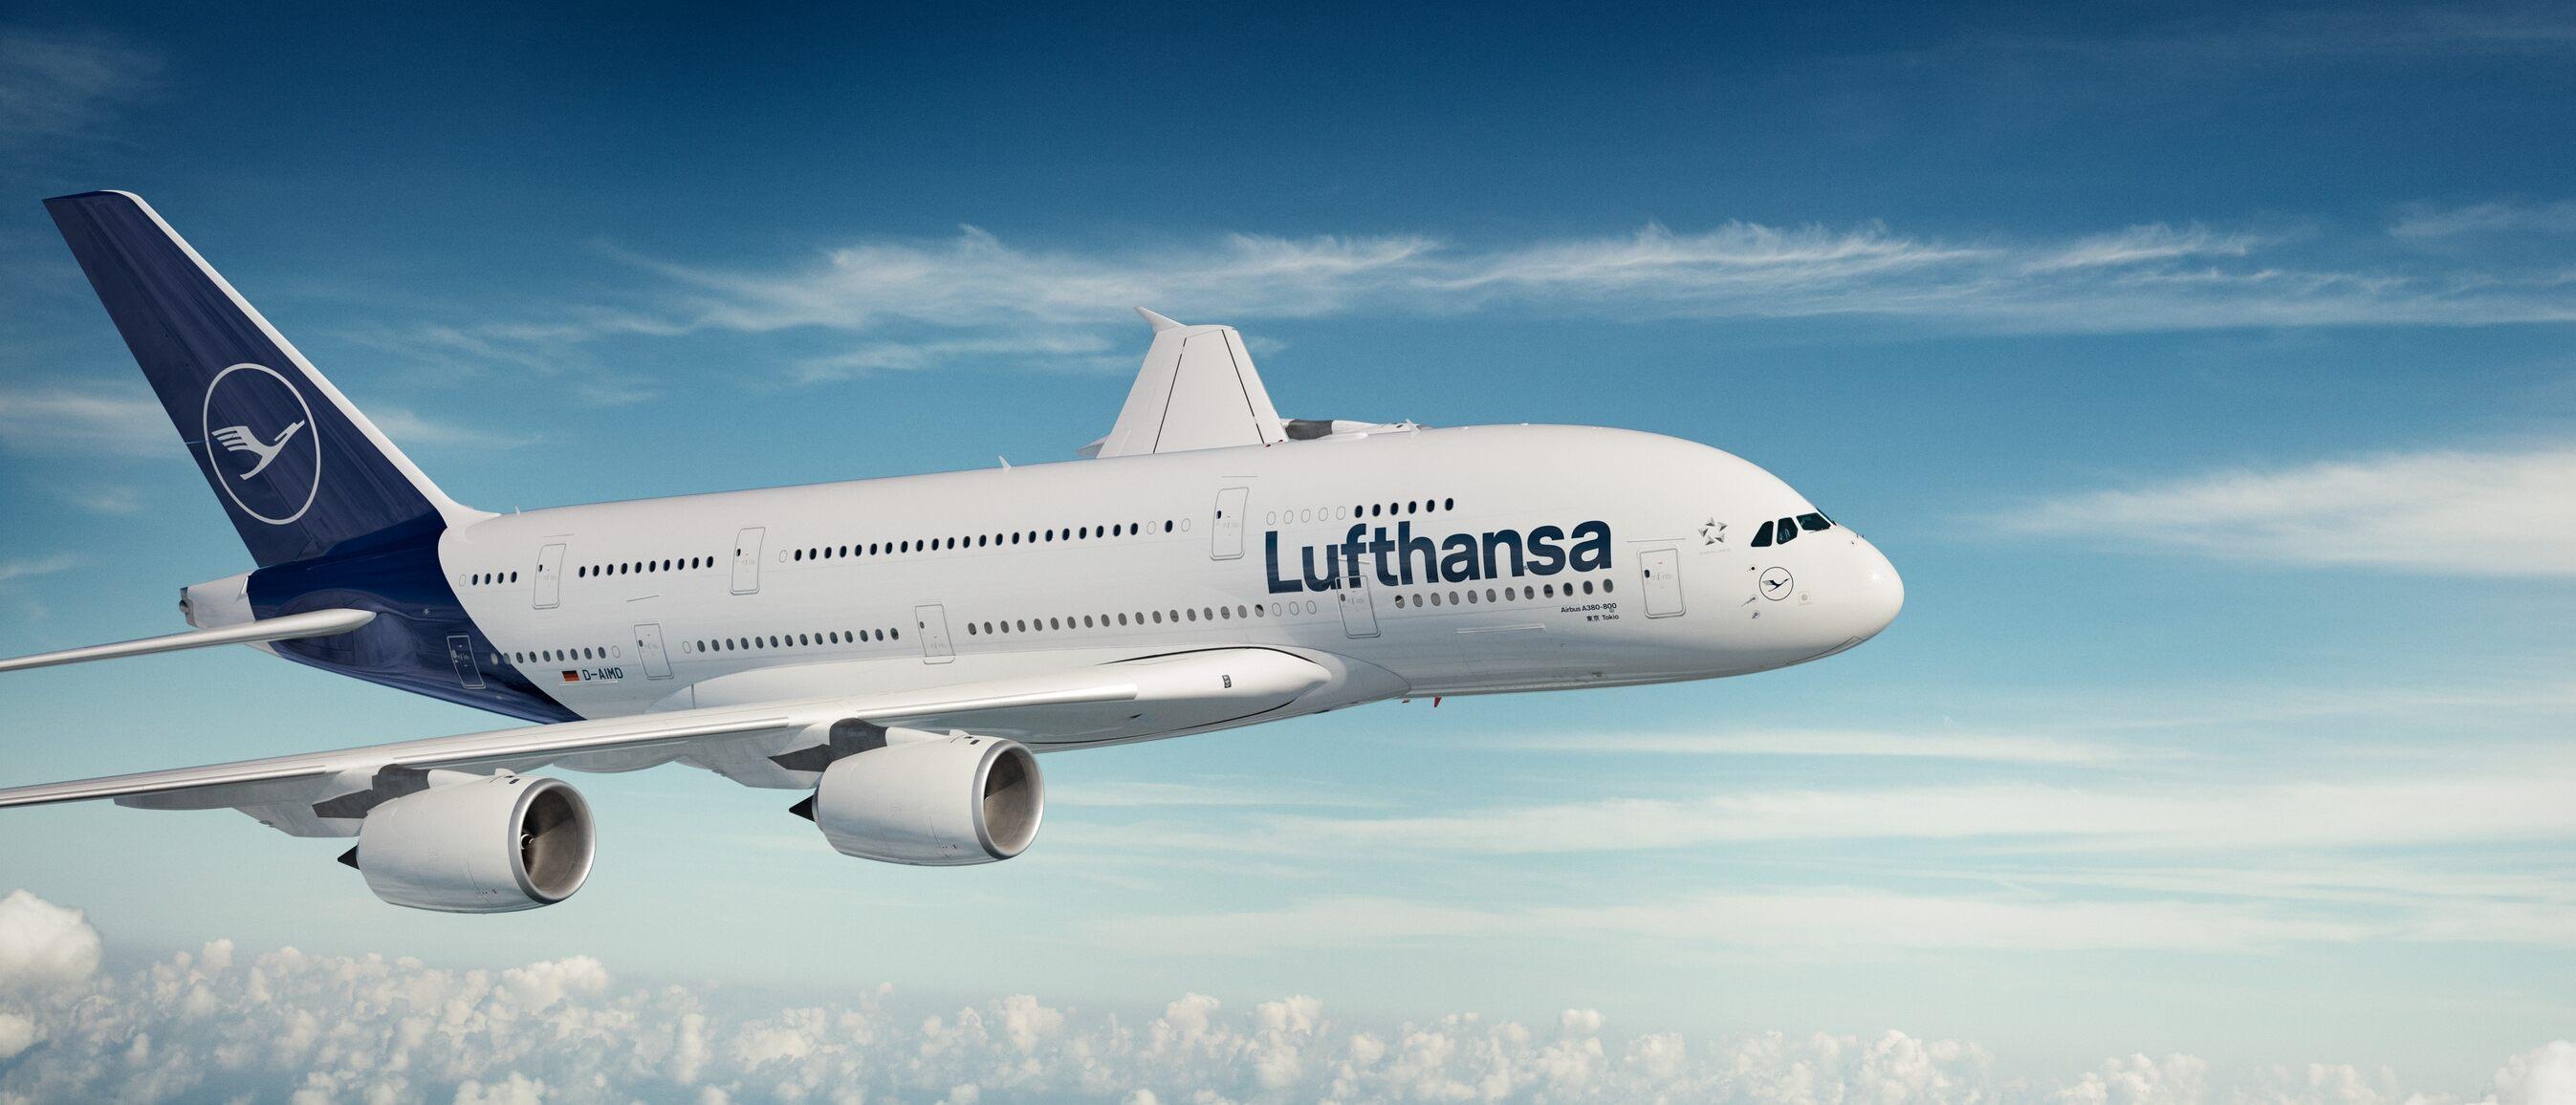 Comment obtenir la facture Lufthansa ? - Okarito